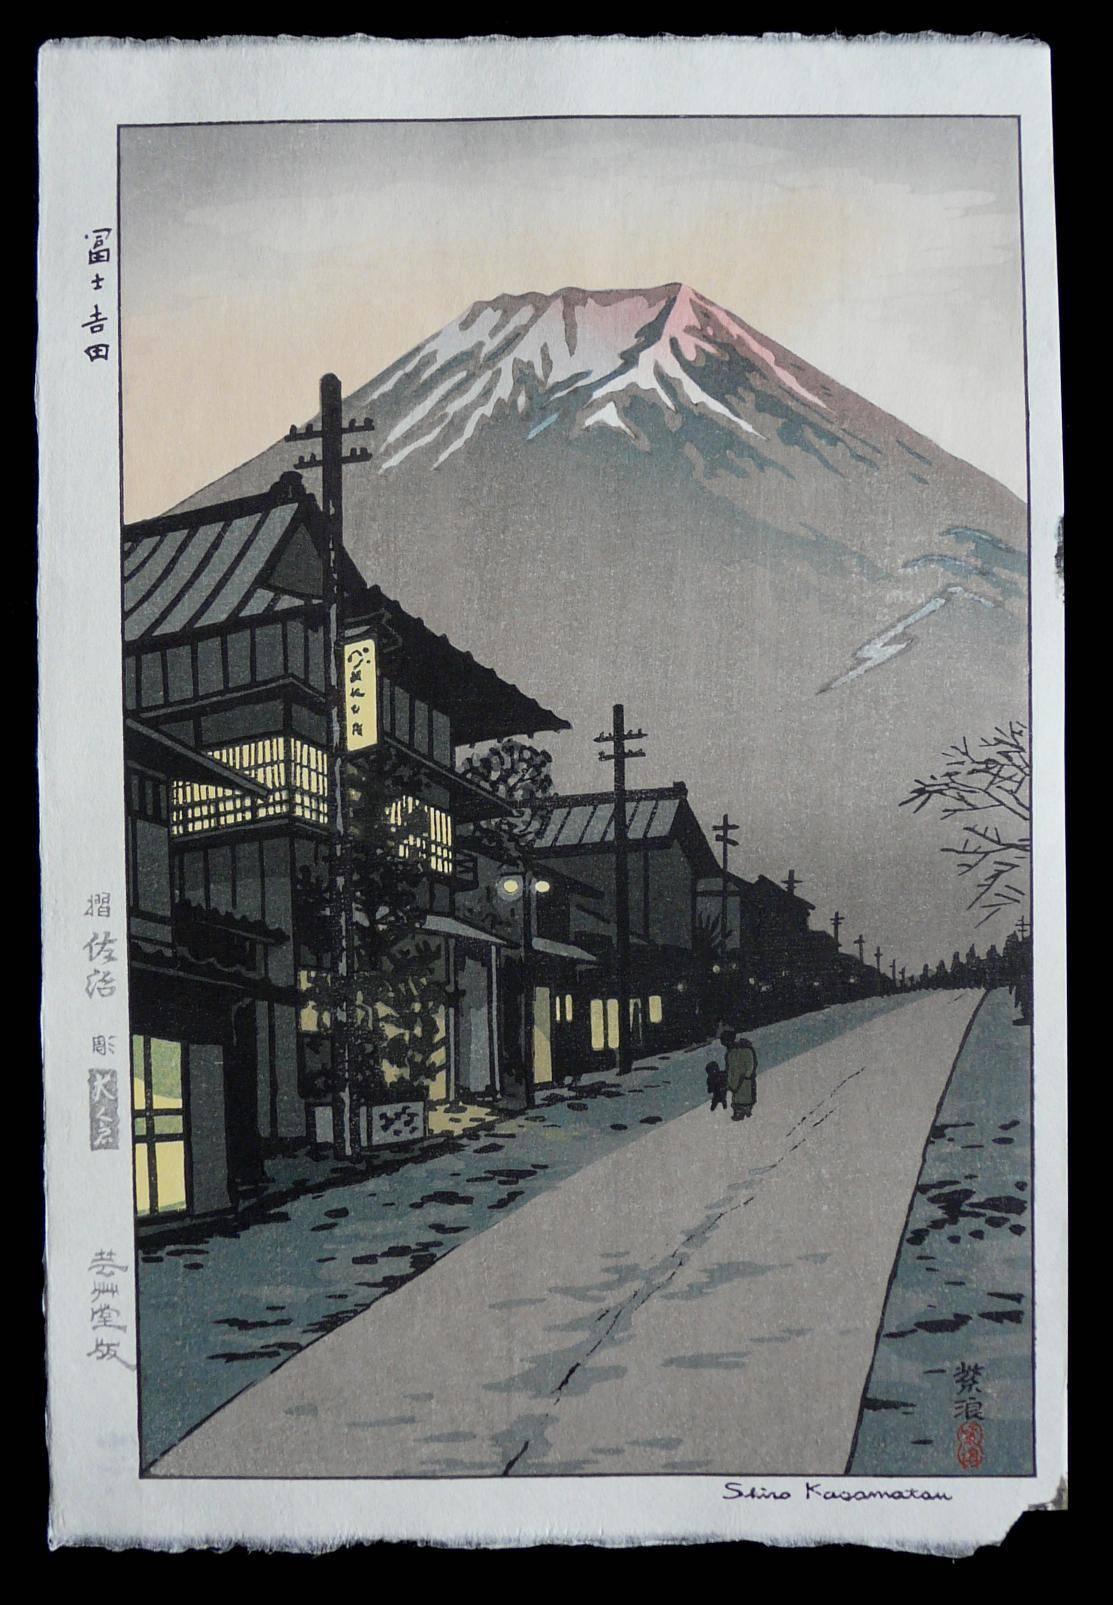 SHIRO KASAMATSU: #P3220 Mt FUJI FROM YOSHIDA, YAMANASHI